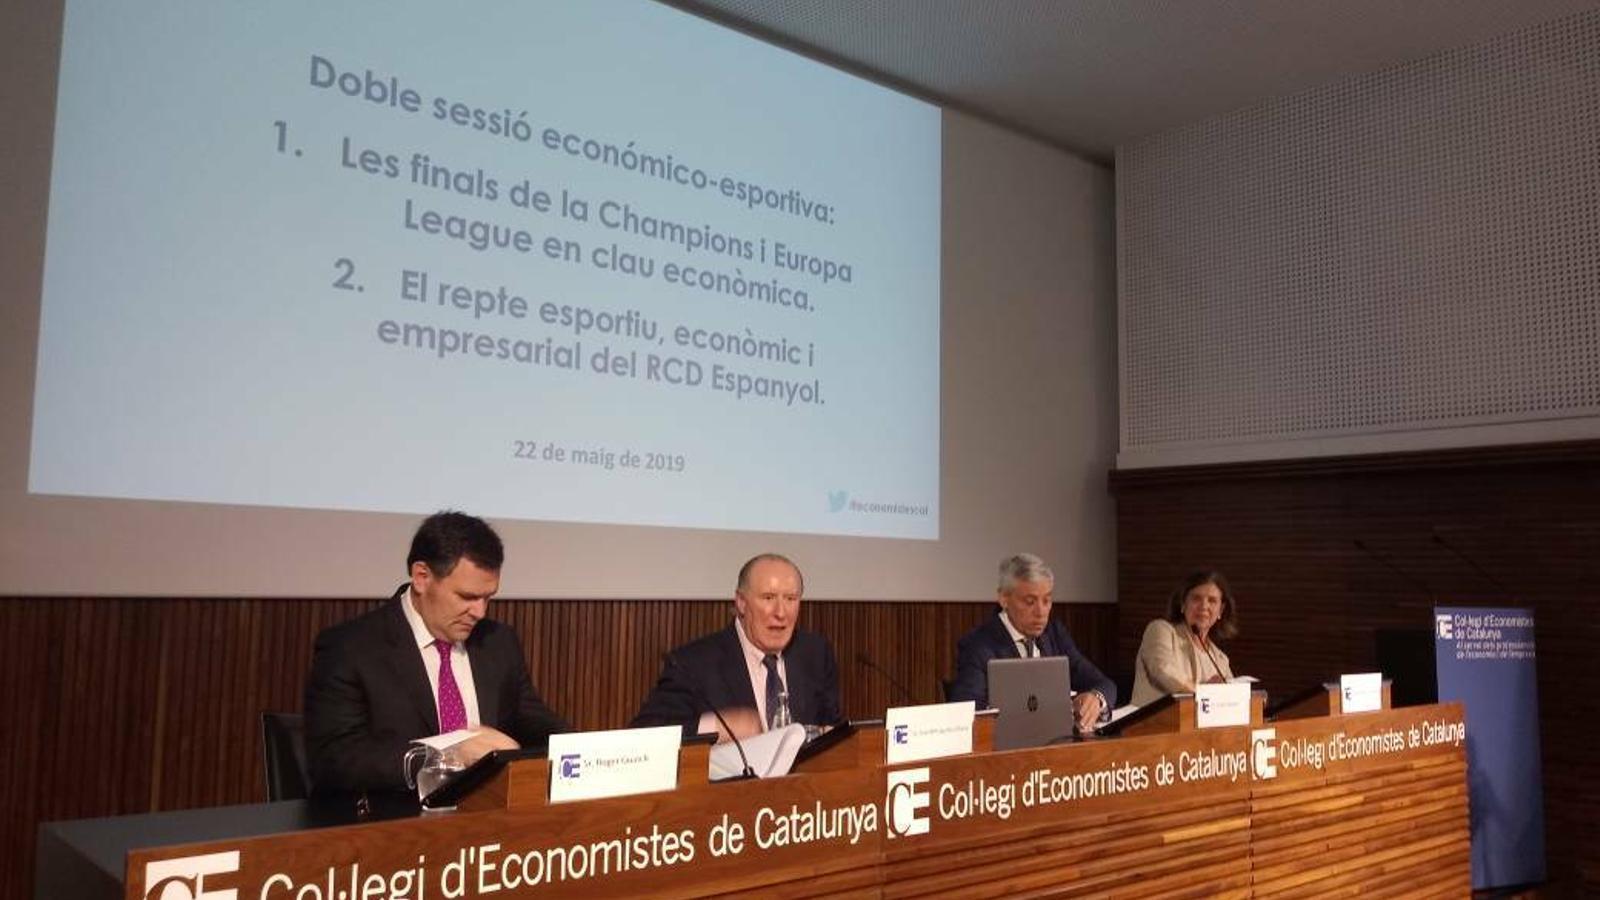 L'Espanyol vol créixer i consolidar-se en el Top 10 fins al 2021